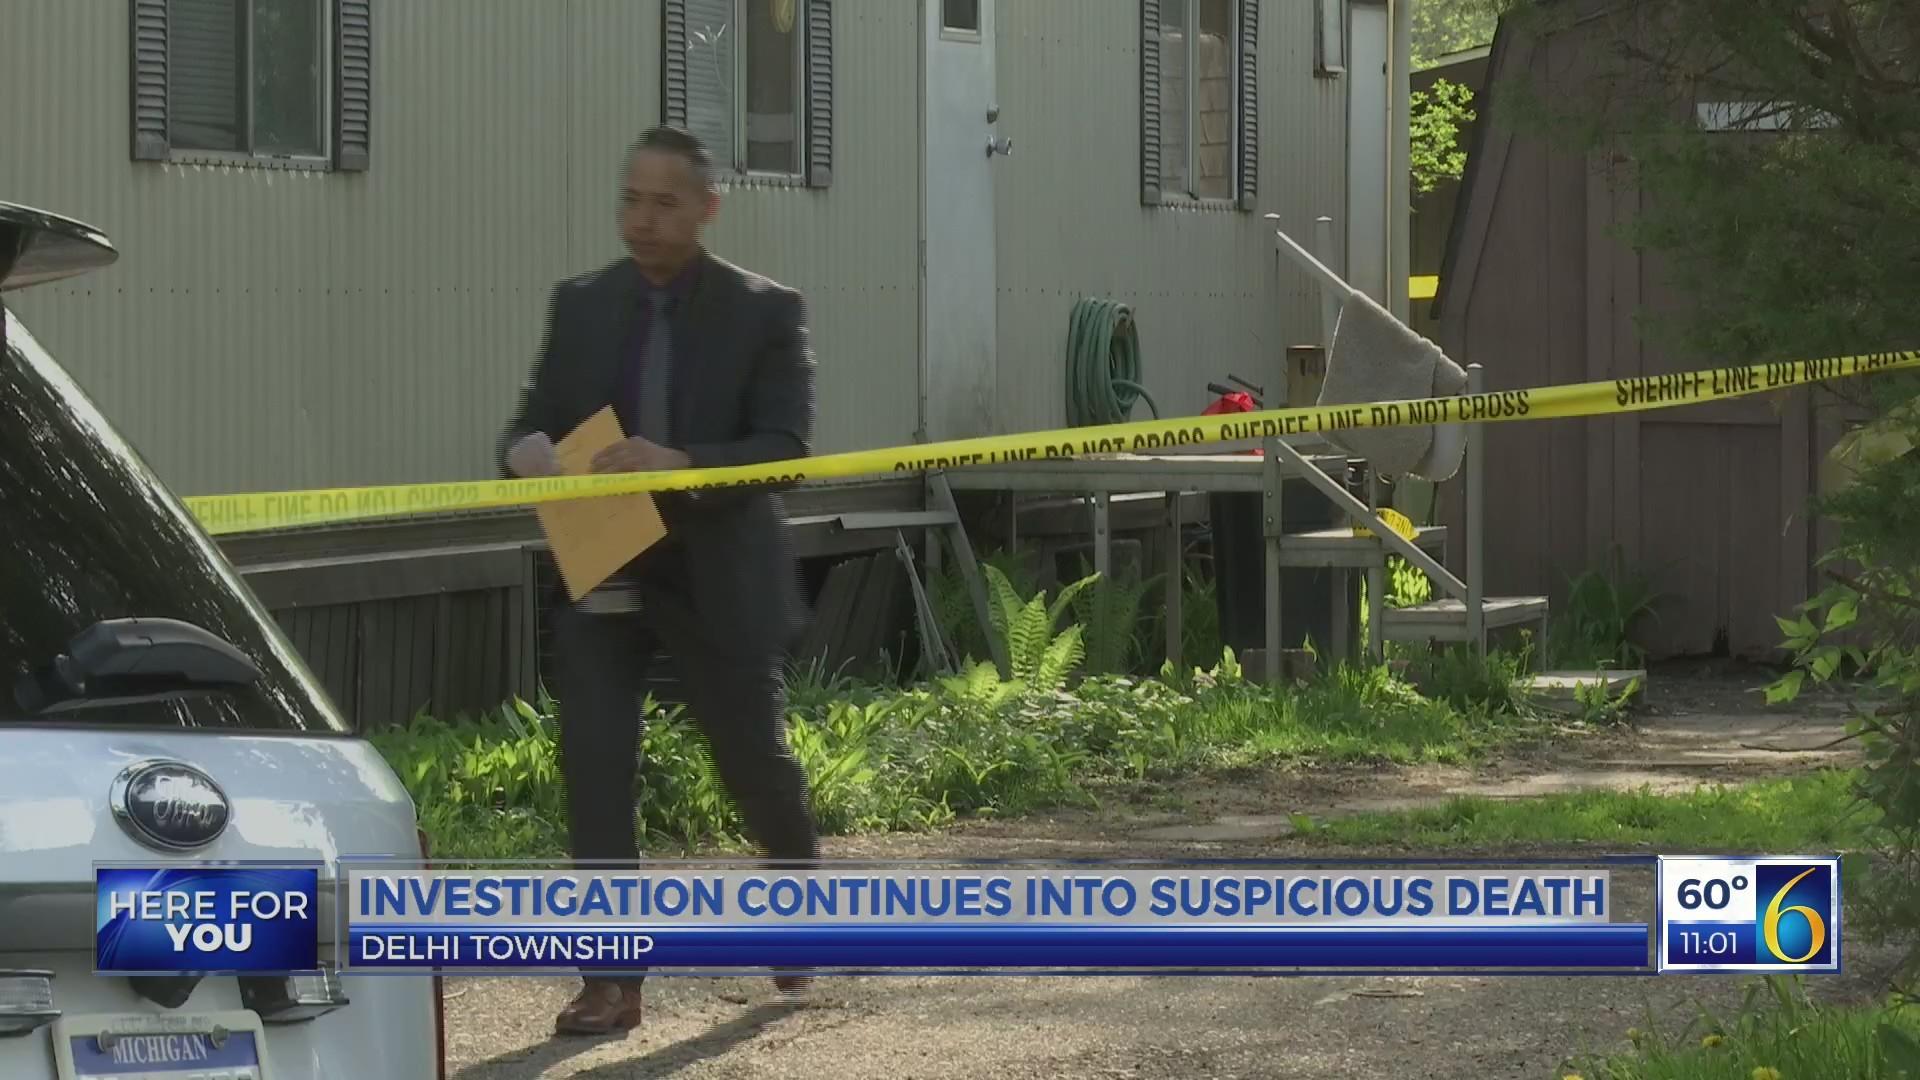 Investigation continues into suspicious death